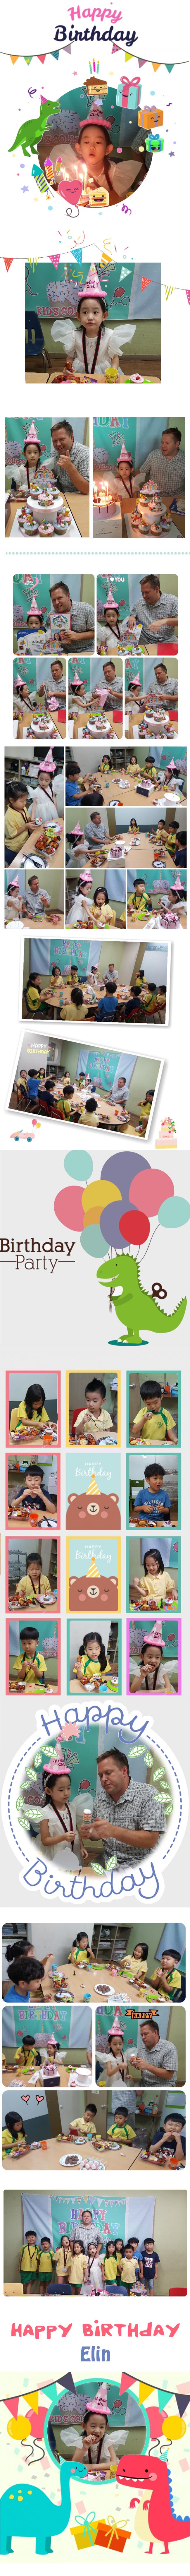 Birthday_Elin.jpg